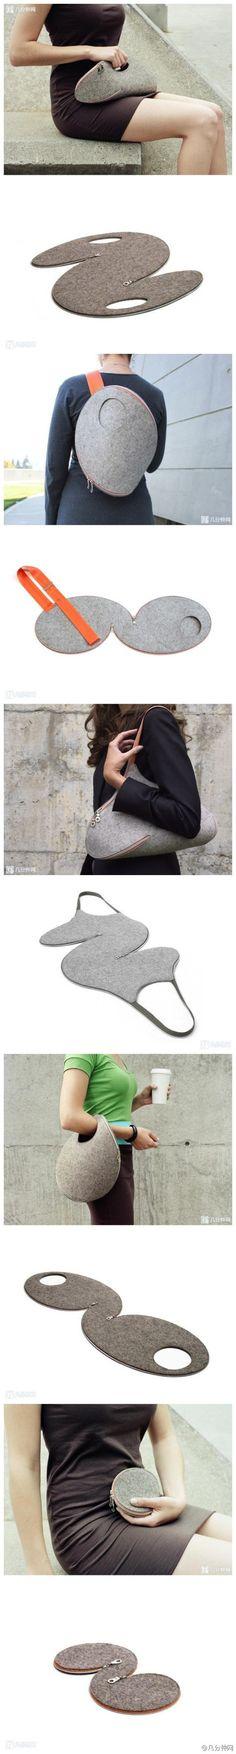 Ideas bolsos de mano y mochilas de fieltro grueso